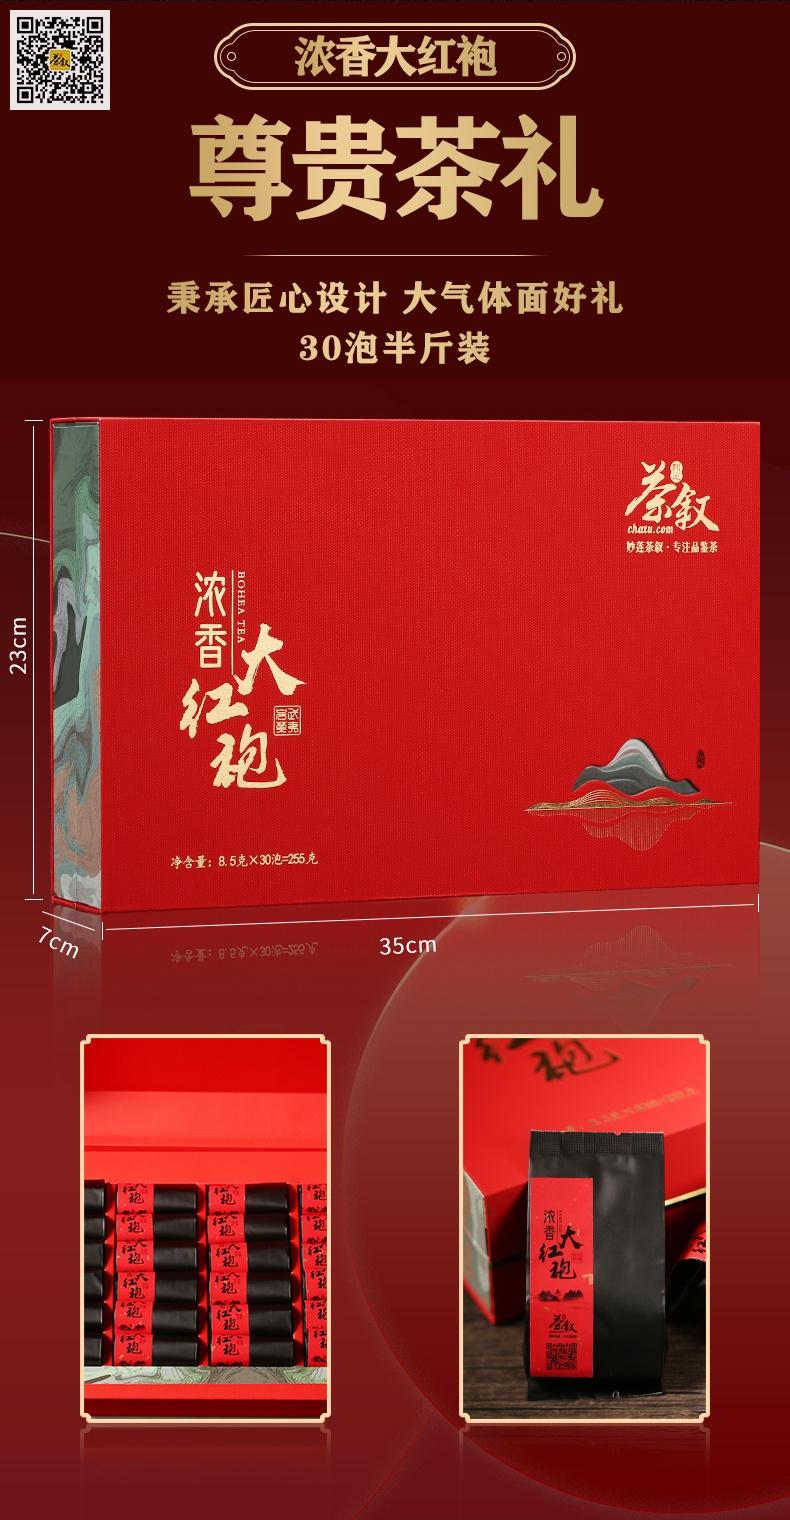 精装礼品茶浓香大红袍-礼盒泡袋包装